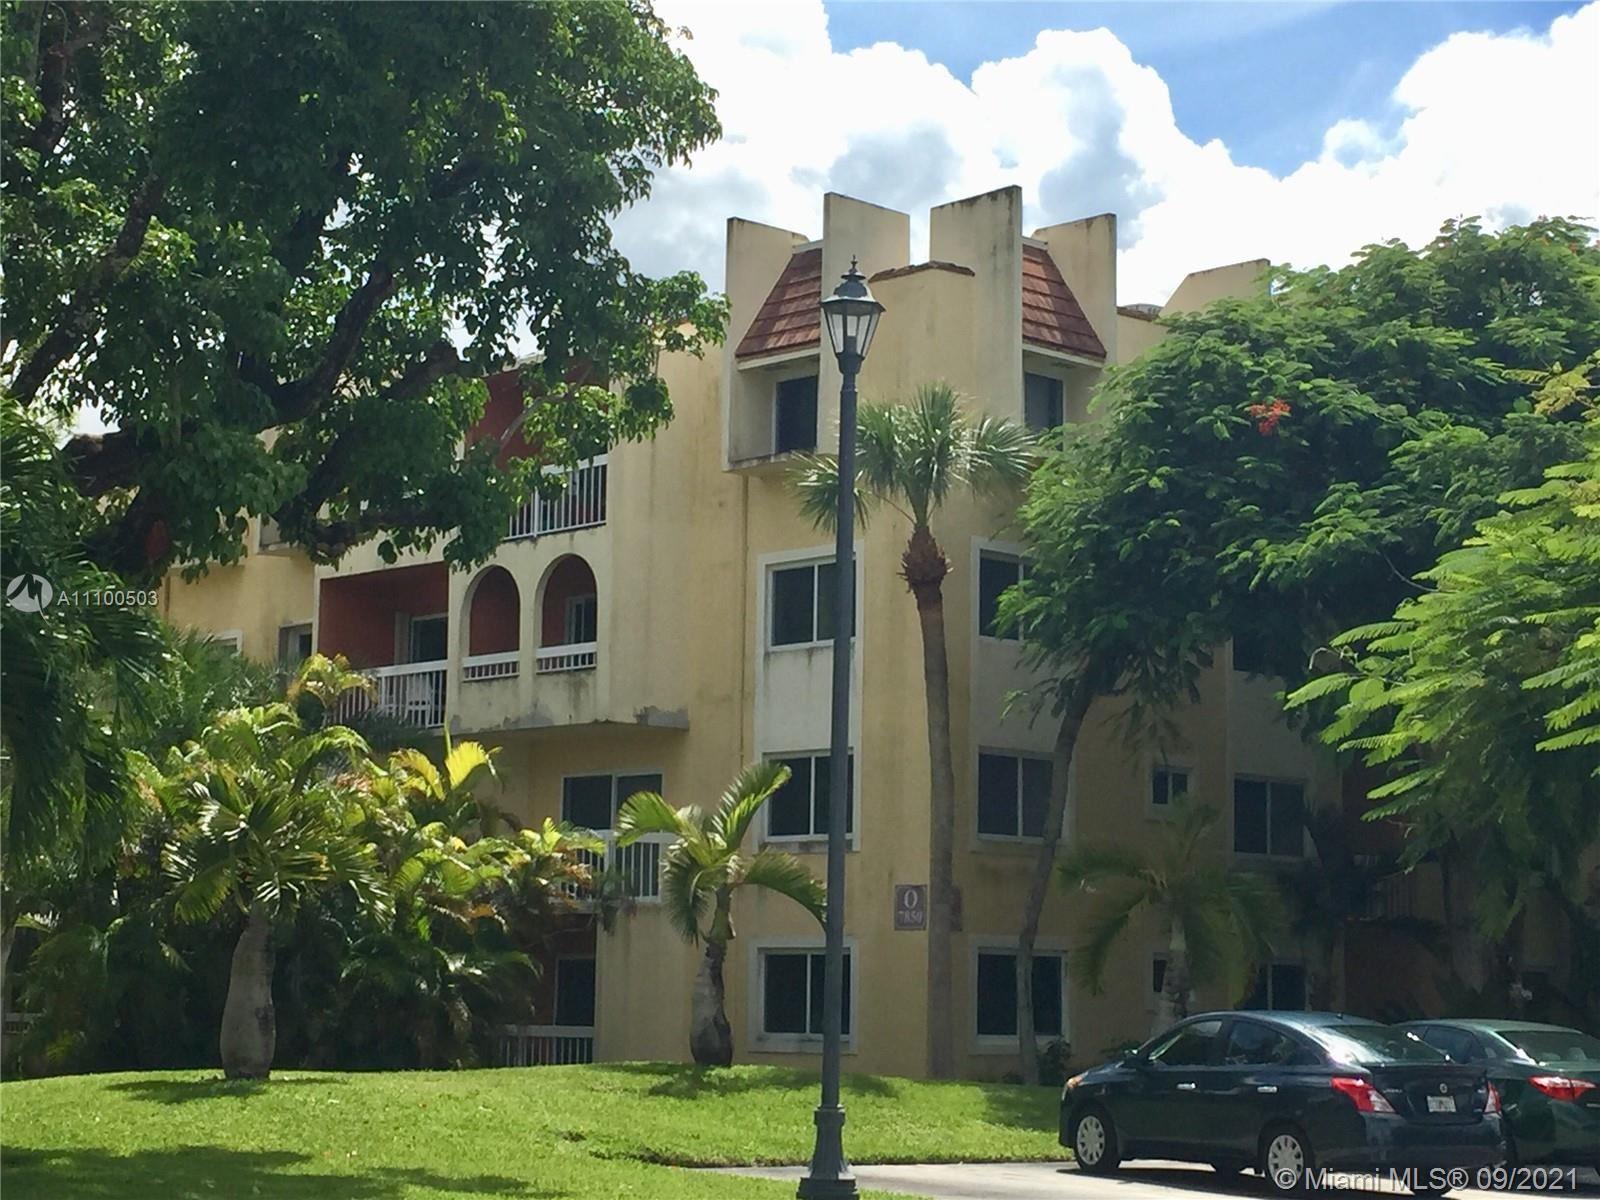 7850 Camino Real #404, Miami, FL 33143 - #: A11100503